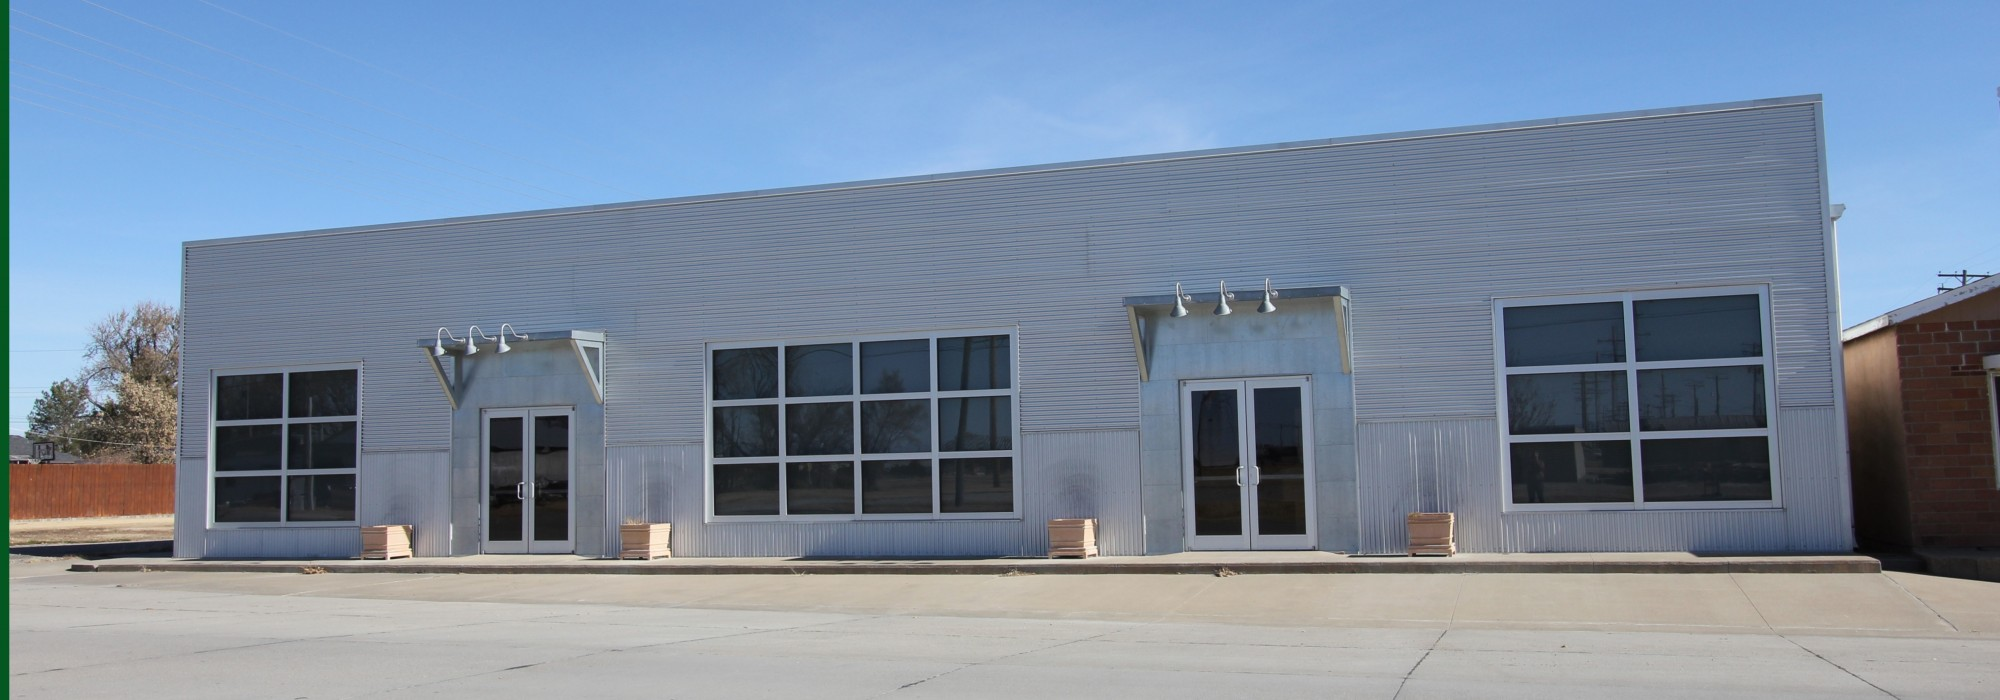 108 N Main St. Plainville, KS